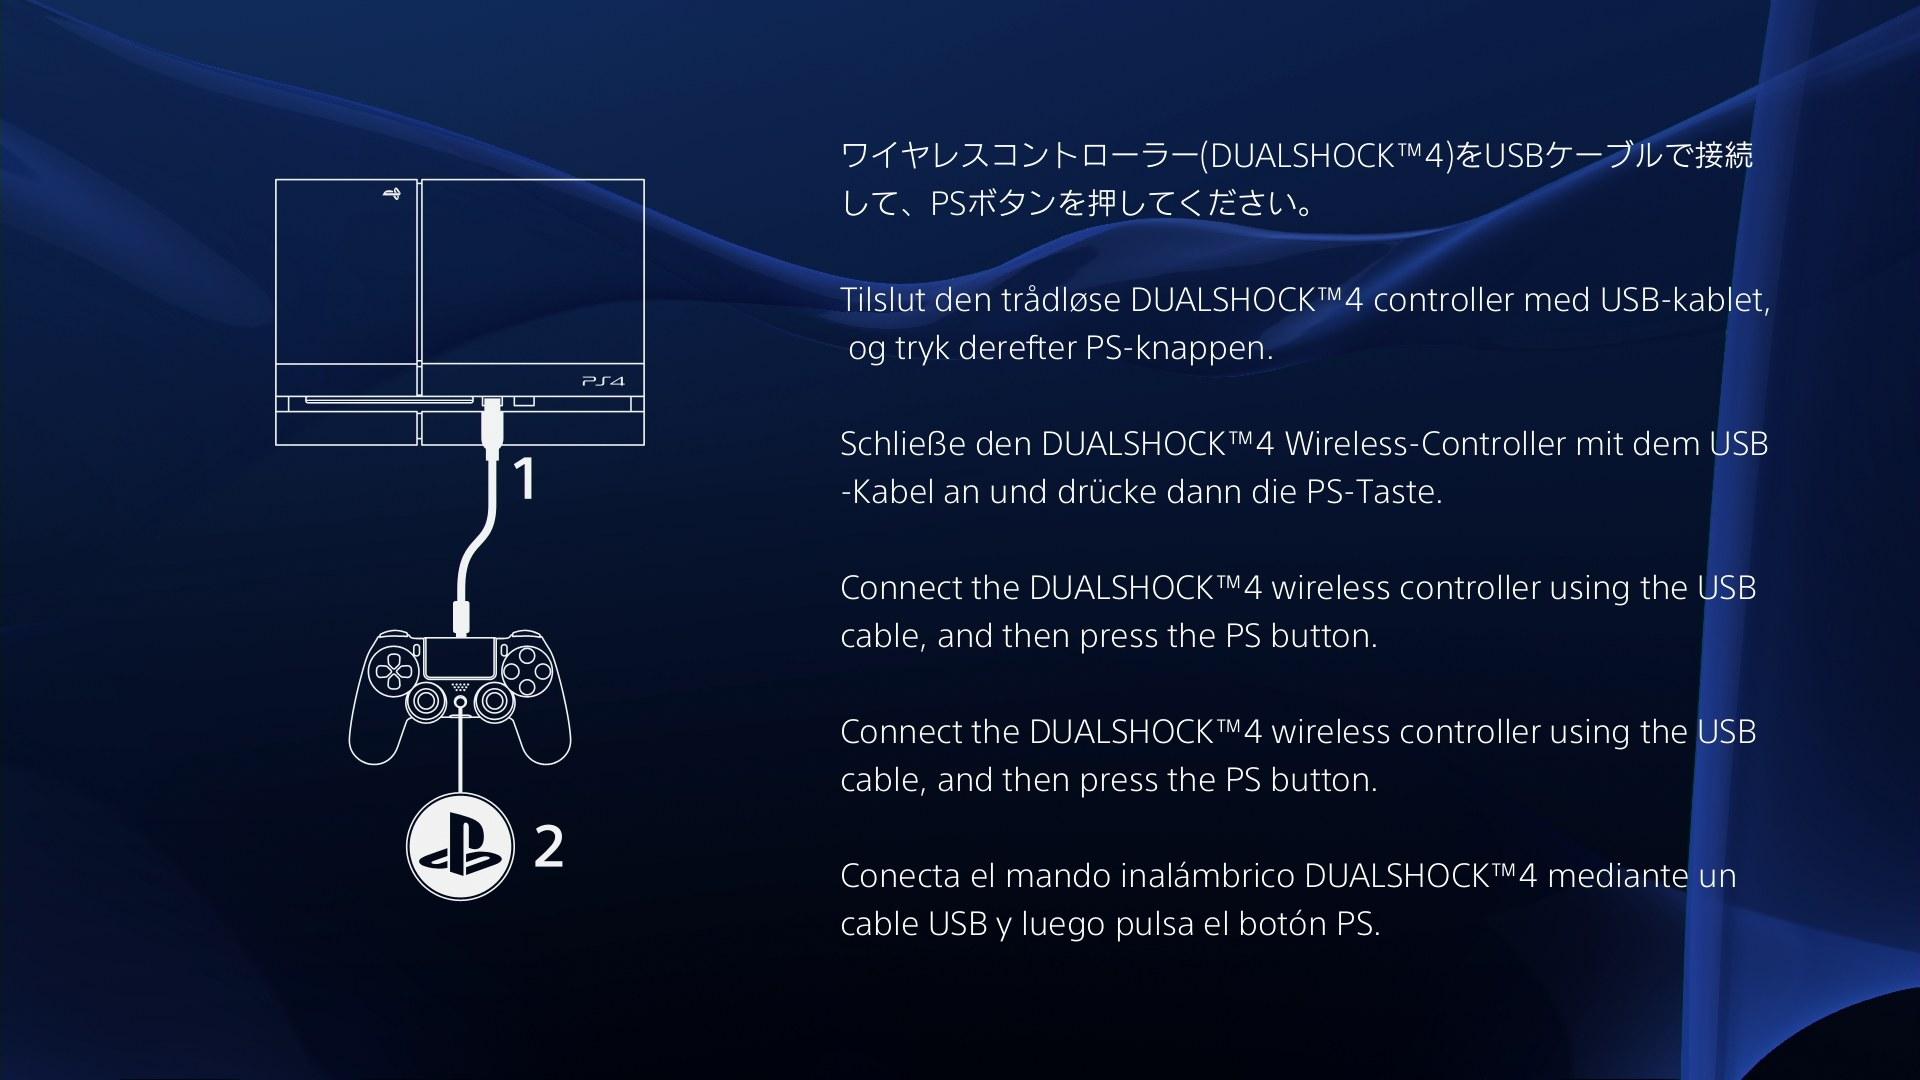 PS4 「エラー CE-34878-0」が発生したので初期化 | 雑雪帳